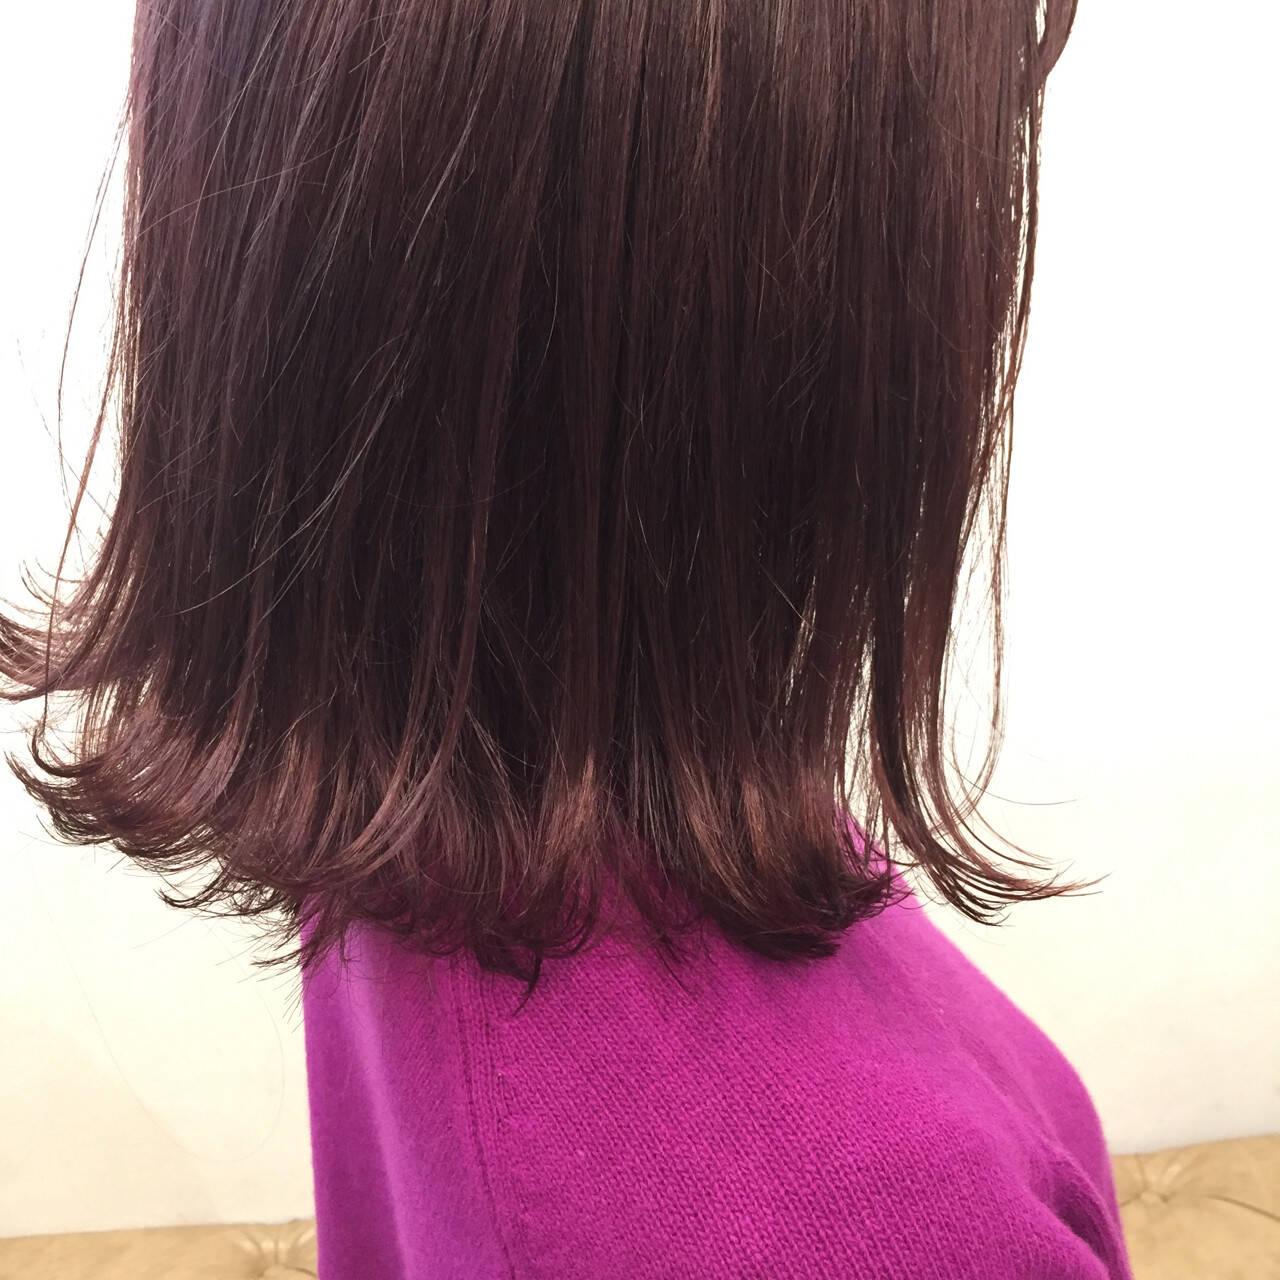 ストリート ピンク ボブ ミディアムヘアスタイルや髪型の写真・画像